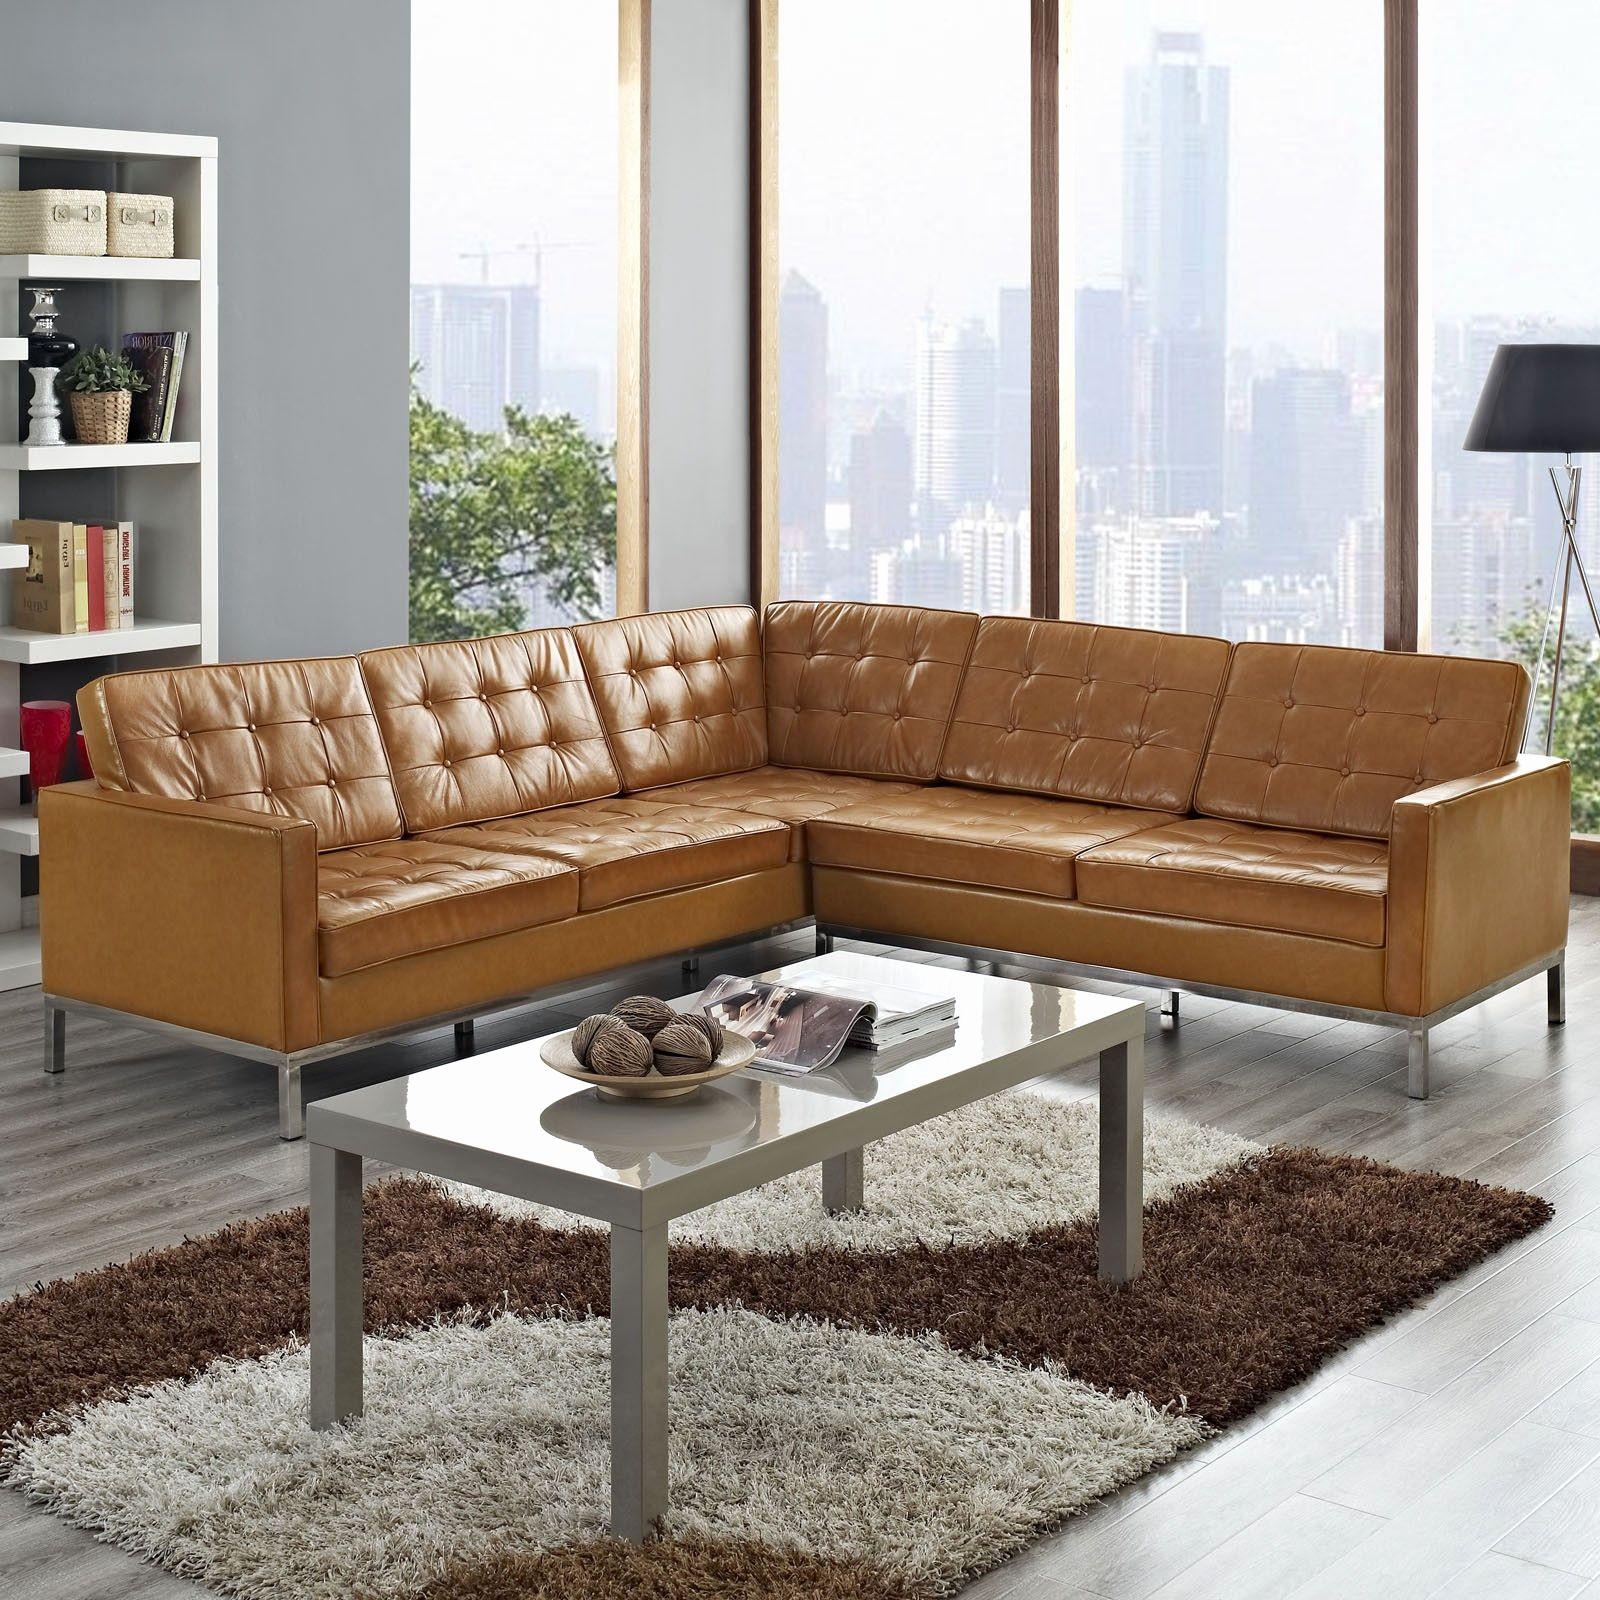 Elegant Apartment Leather sofa Pics Apartment Leather sofa Luxury ...